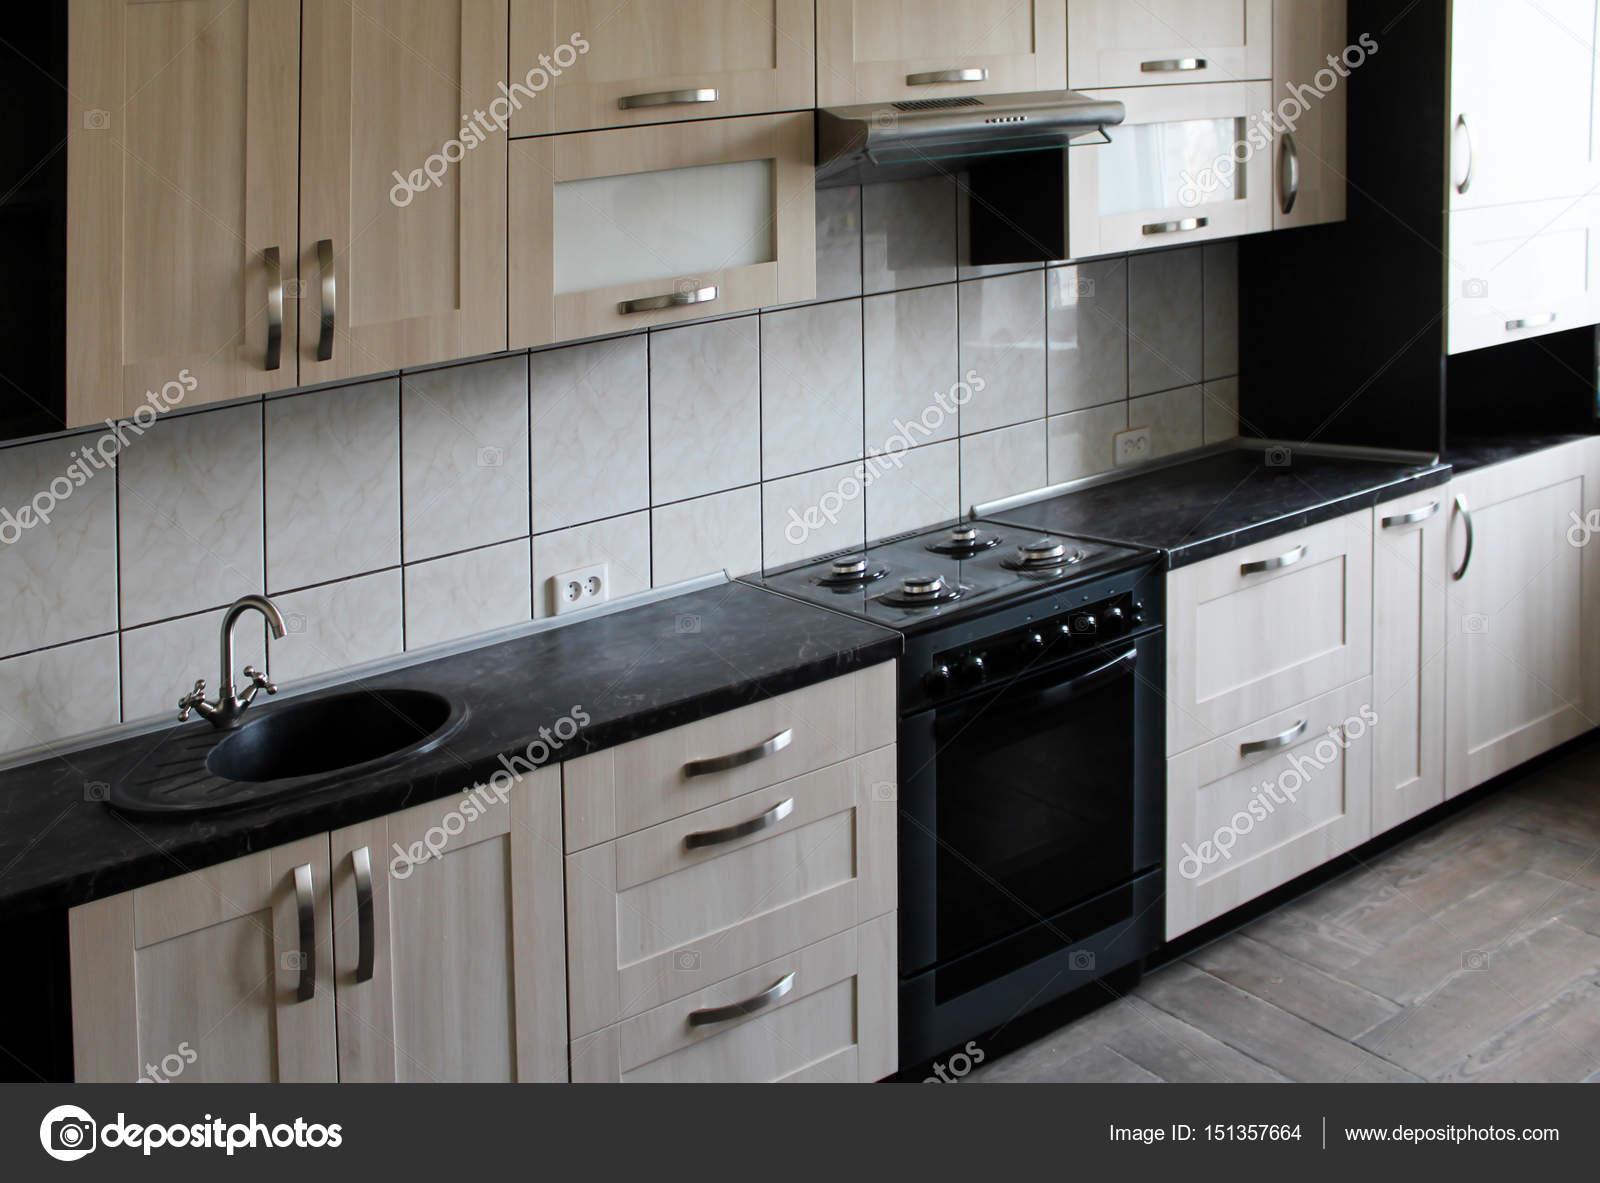 Piano Di Lavoro Per Cucina In Legno.Cucina In Legno Con Piano Di Lavoro Nero Design D Interni